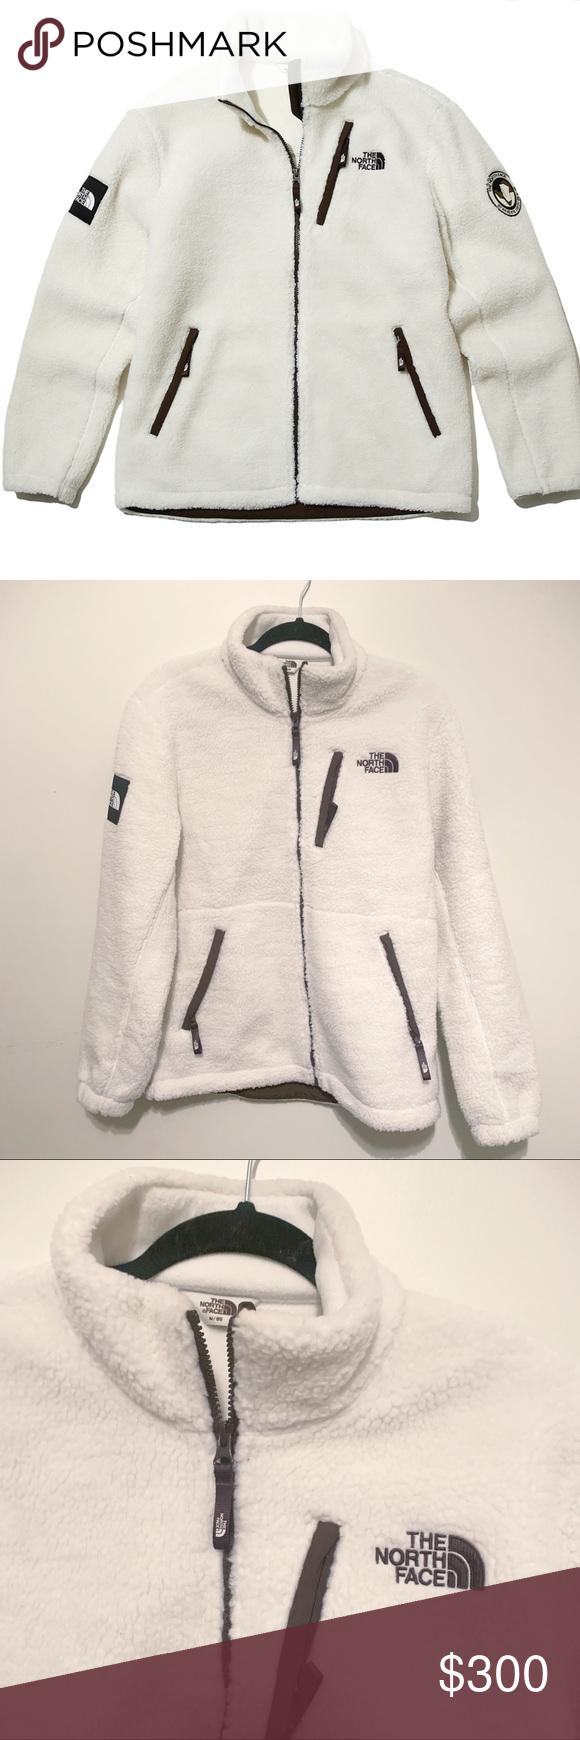 Rare White Label The North Face Rimo Fleece Jacket Fleece Jacket Jackets North Face Jacket [ 1740 x 580 Pixel ]